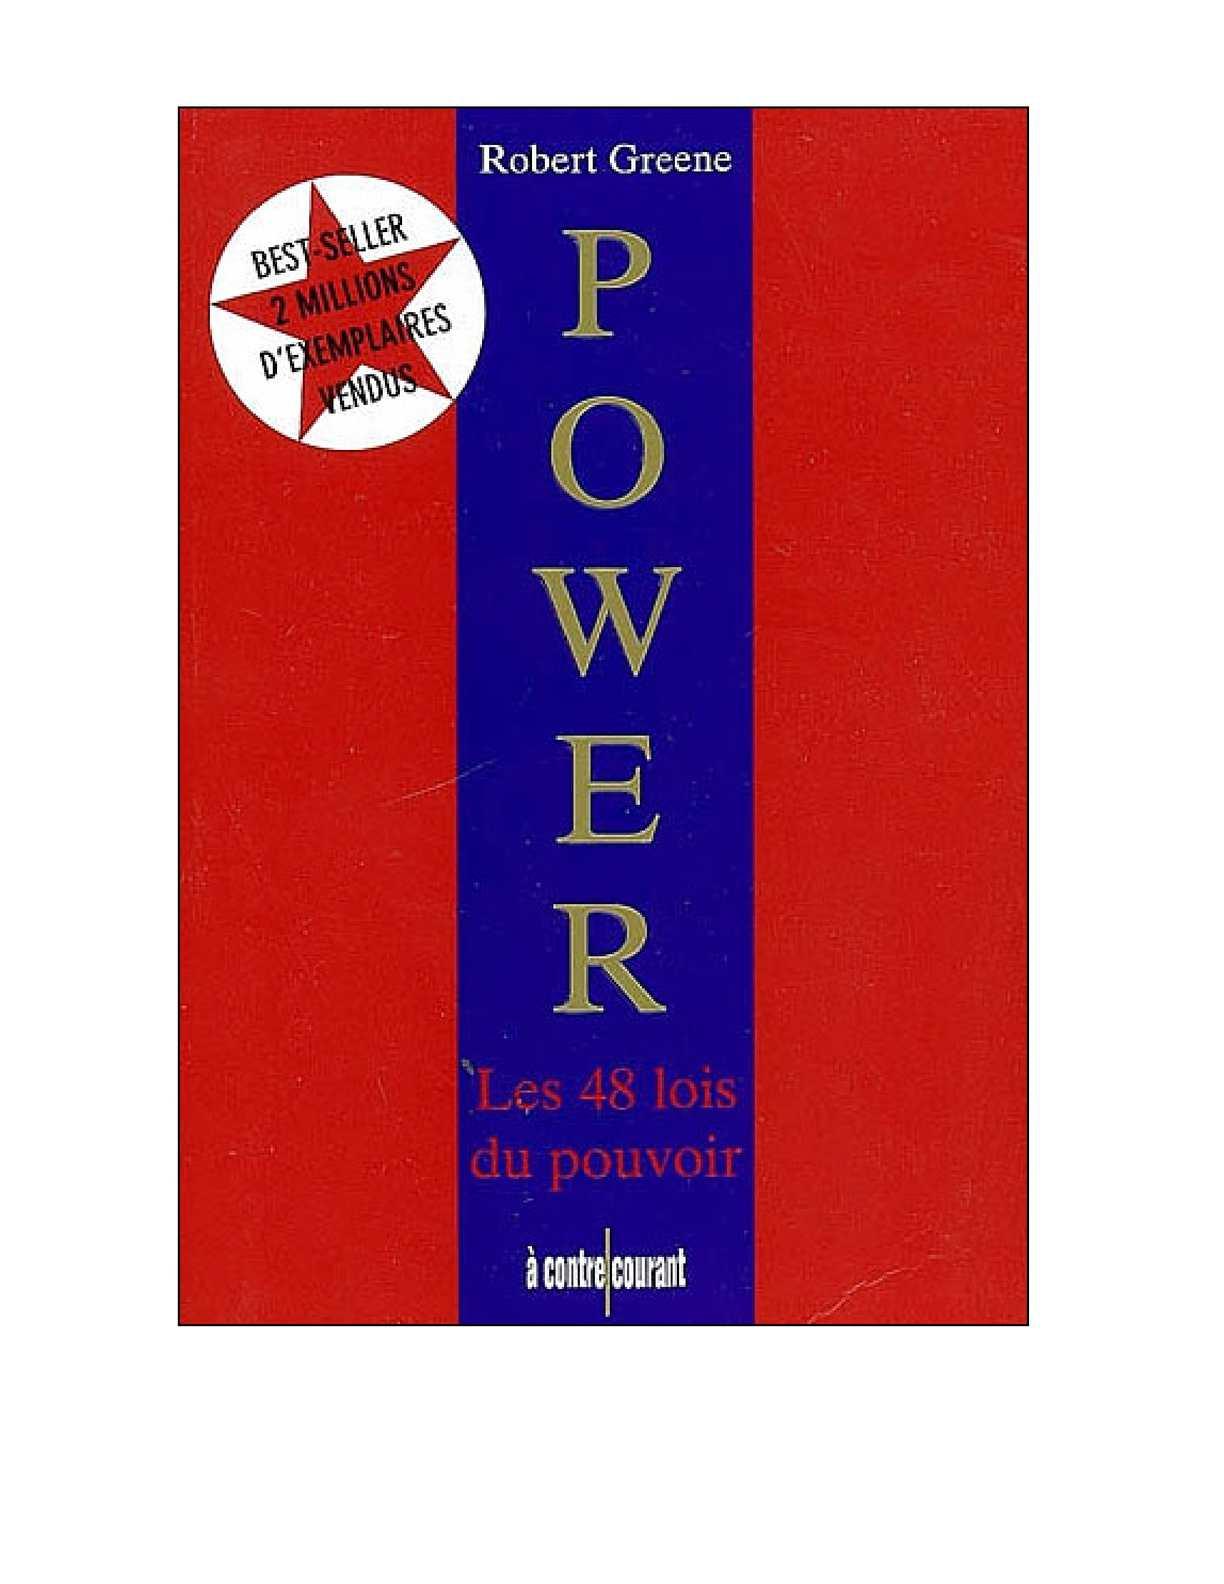 Télécharger Power les 48 lois du pouvoir en PDF | WLEBOOKS